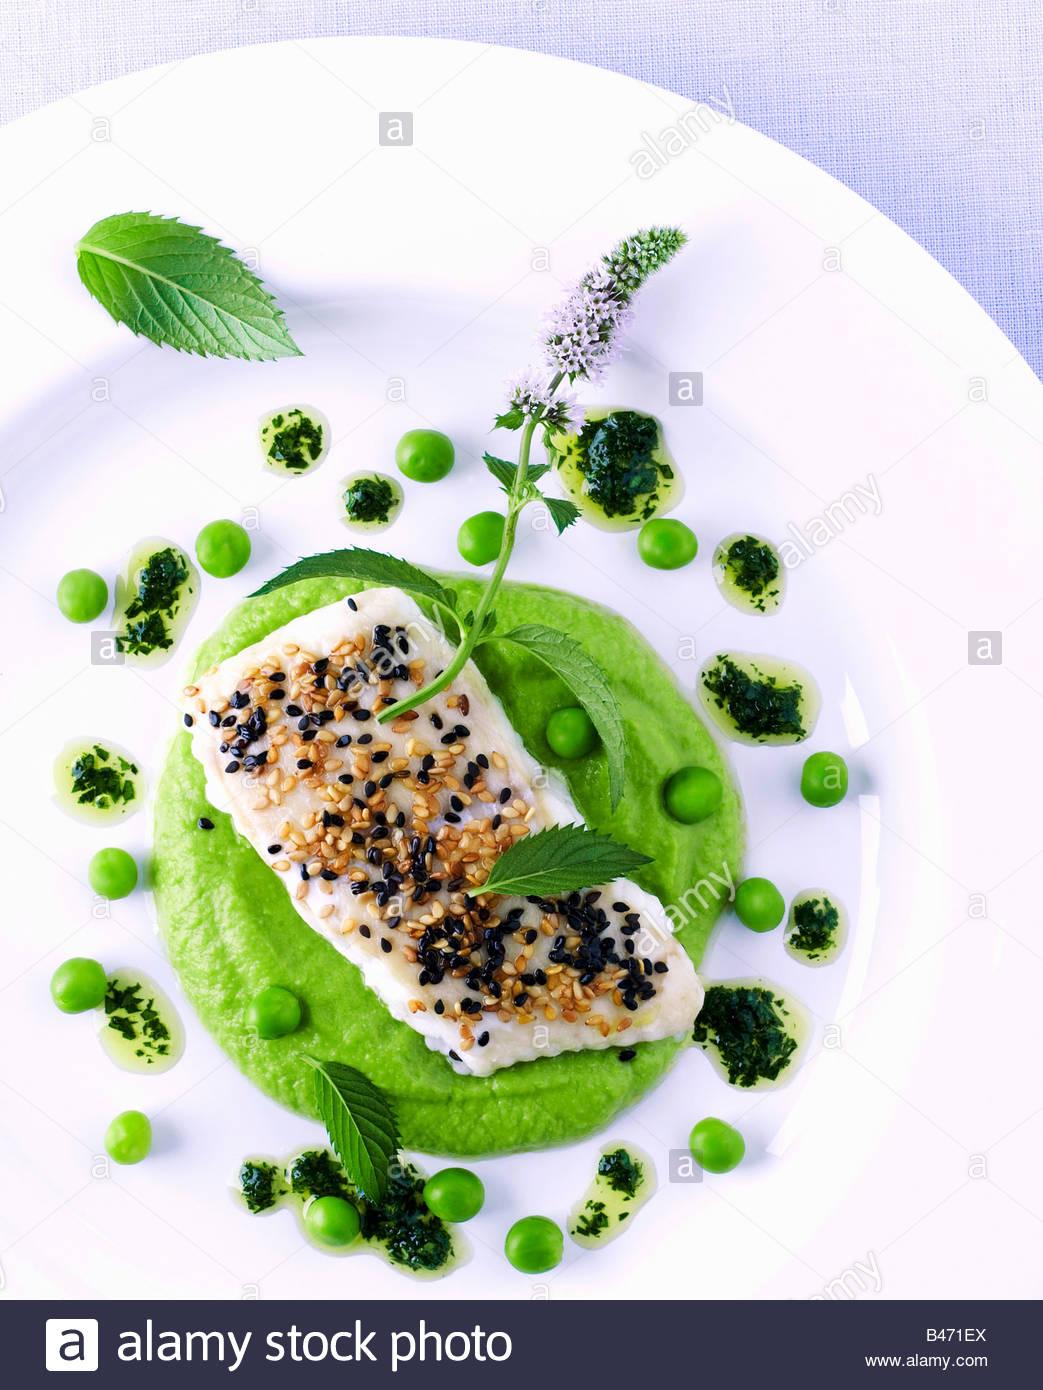 Fisch-Filet mit Sesam auf Erbsenpüree und Limetten-vinaigrette Stockbild